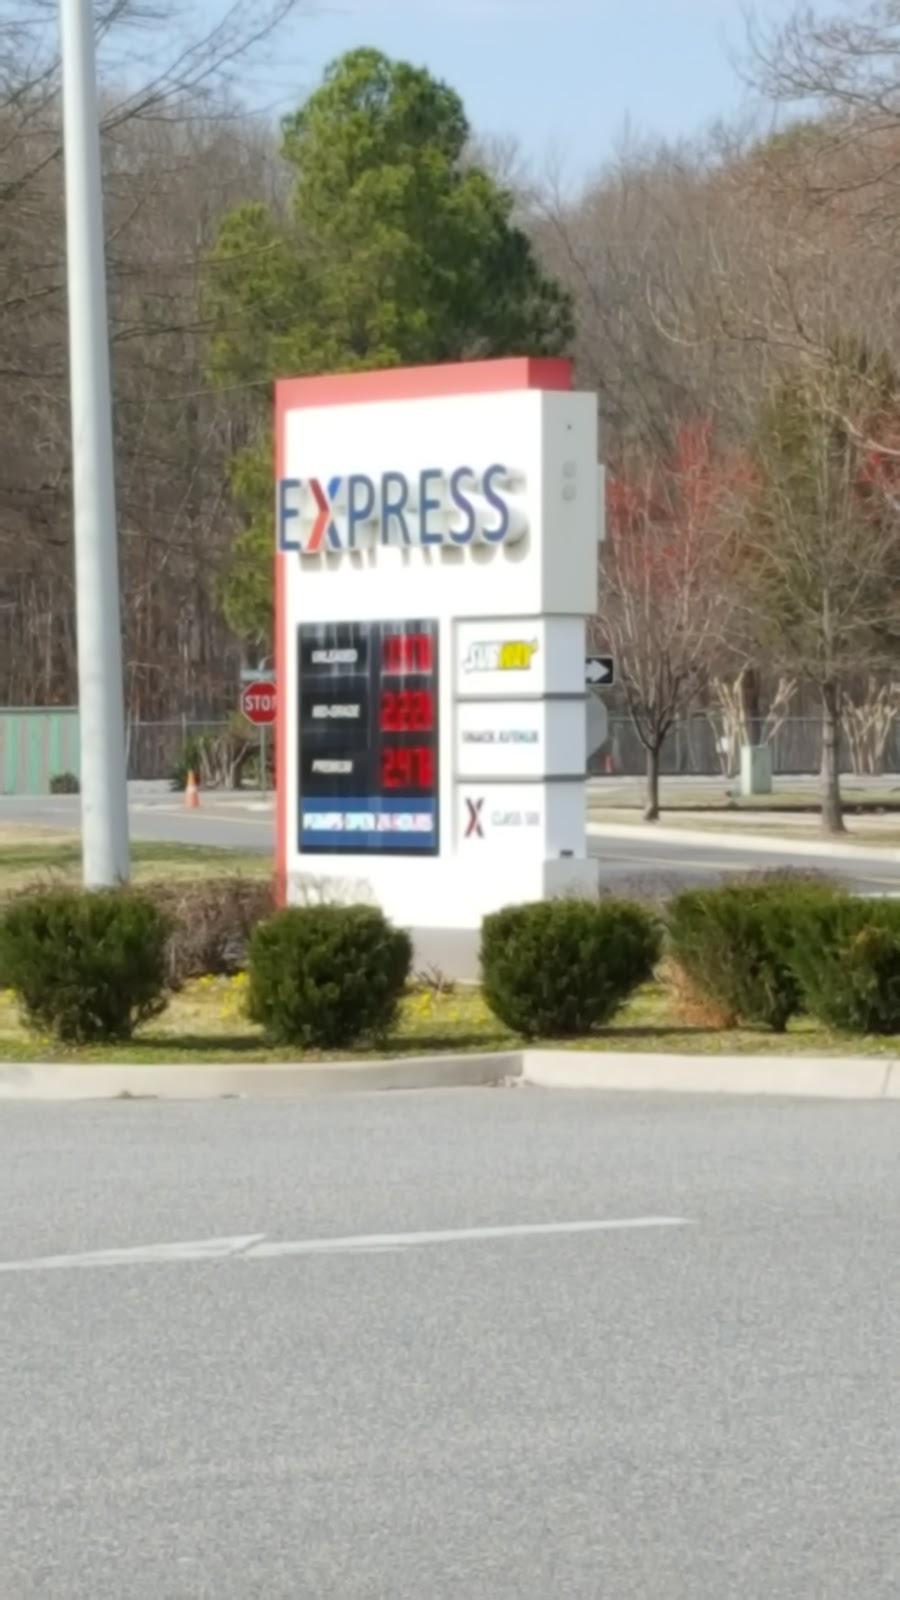 AAFES Gas Station - gas station    Photo 10 of 10   Address: 704 Washington Blvd, Fort Eustis, VA 23604, USA   Phone: (757) 369-3772